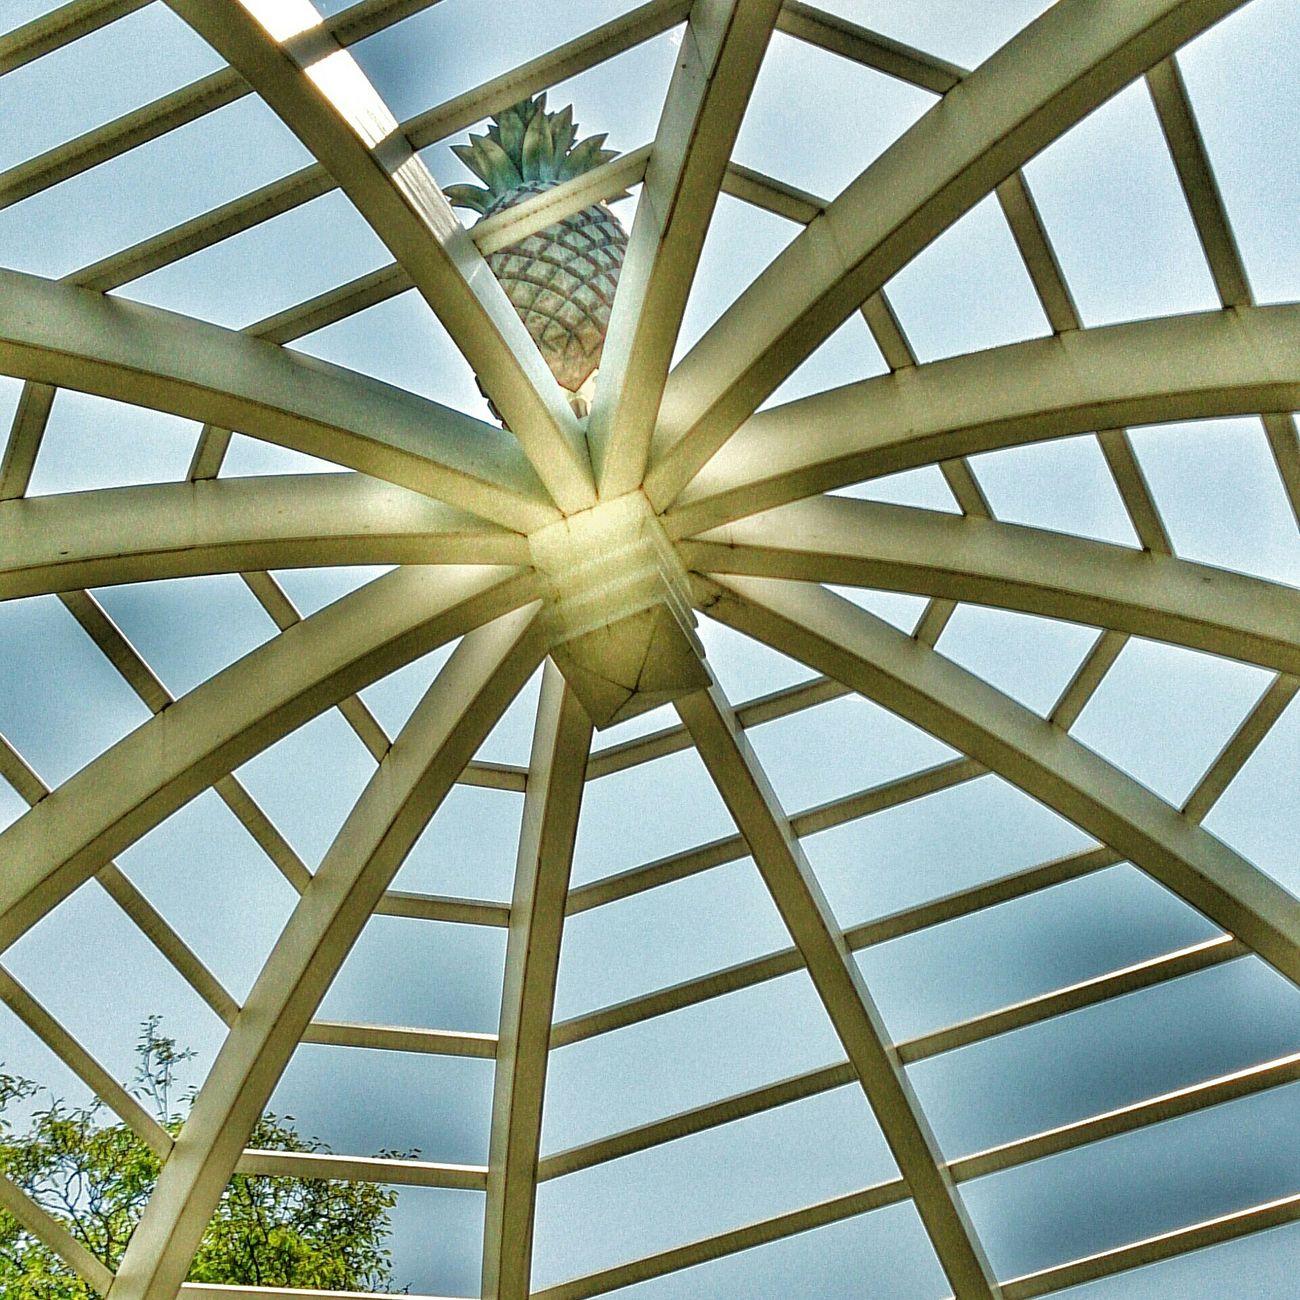 Ananas Pineapple Architecture Architektur Bogen Sunny Day Sonnig